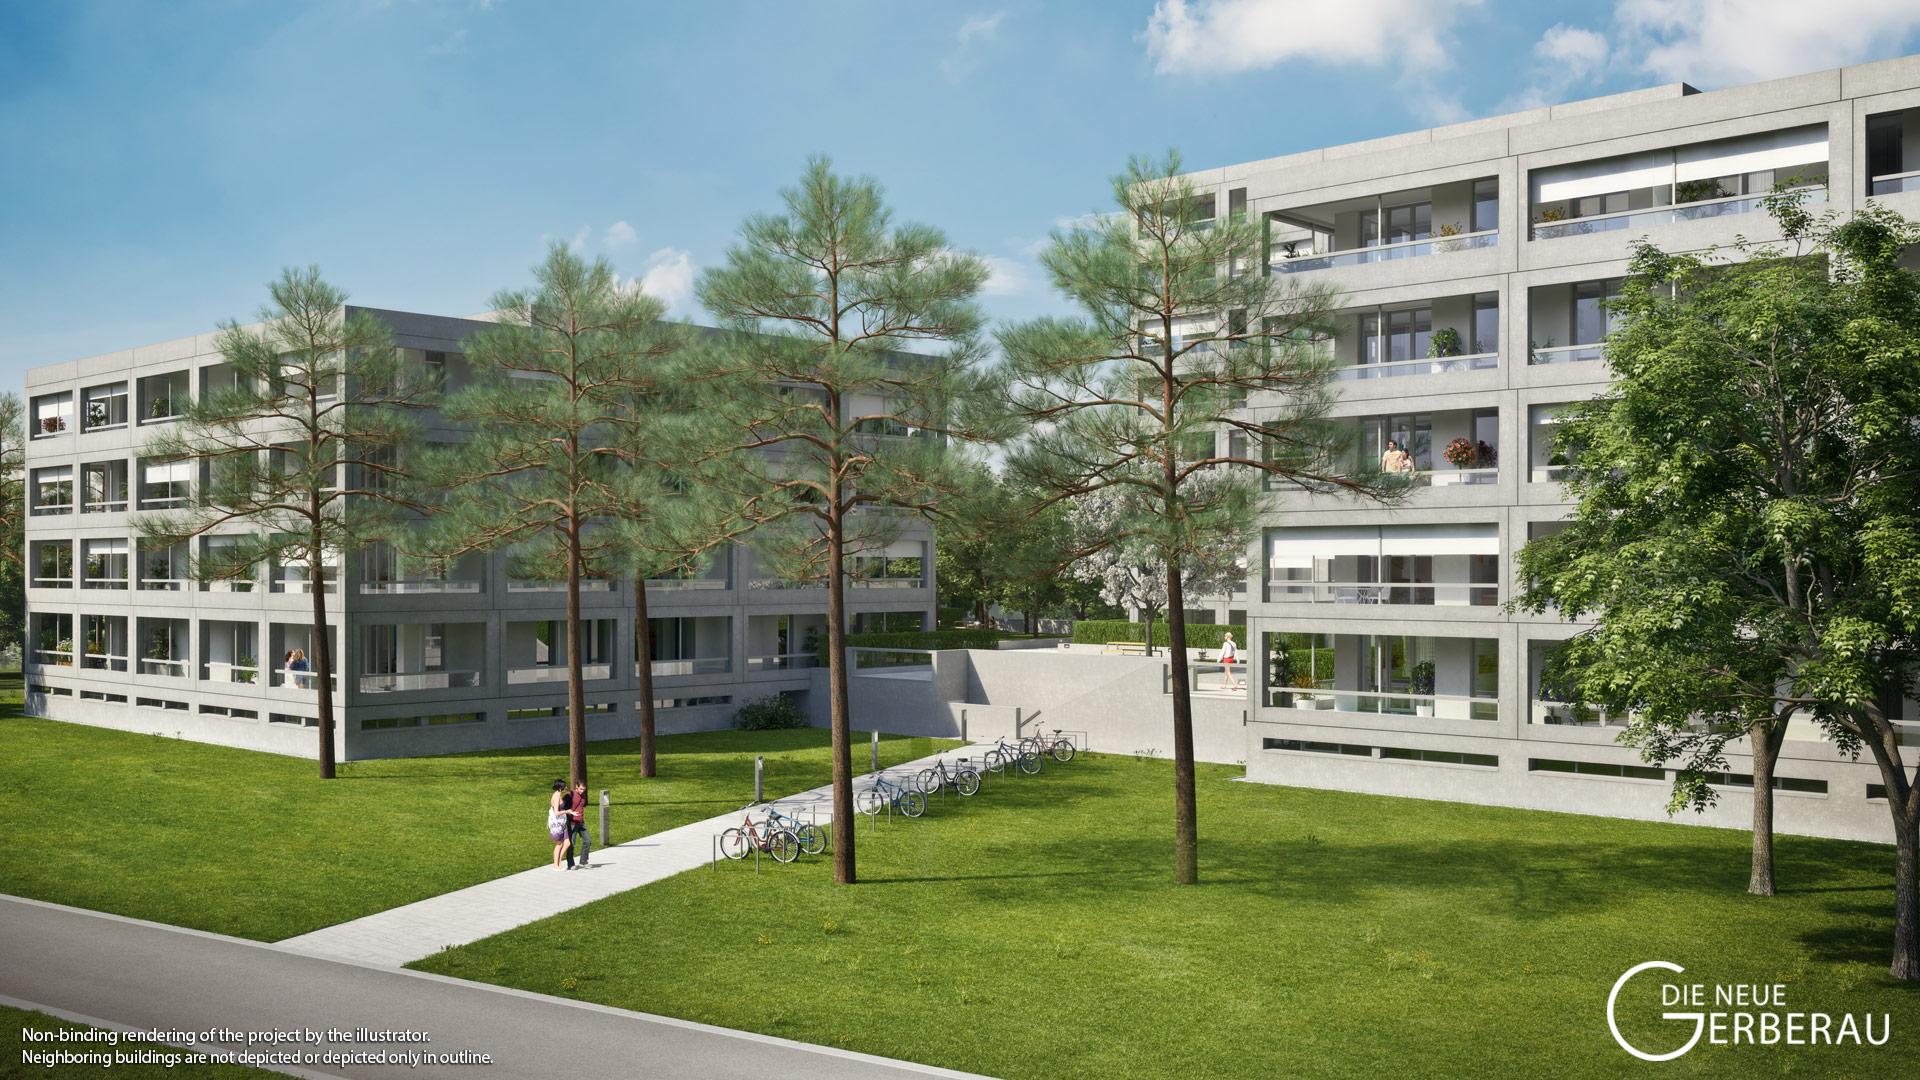 Property Die neue Gerberau - Illustration 2